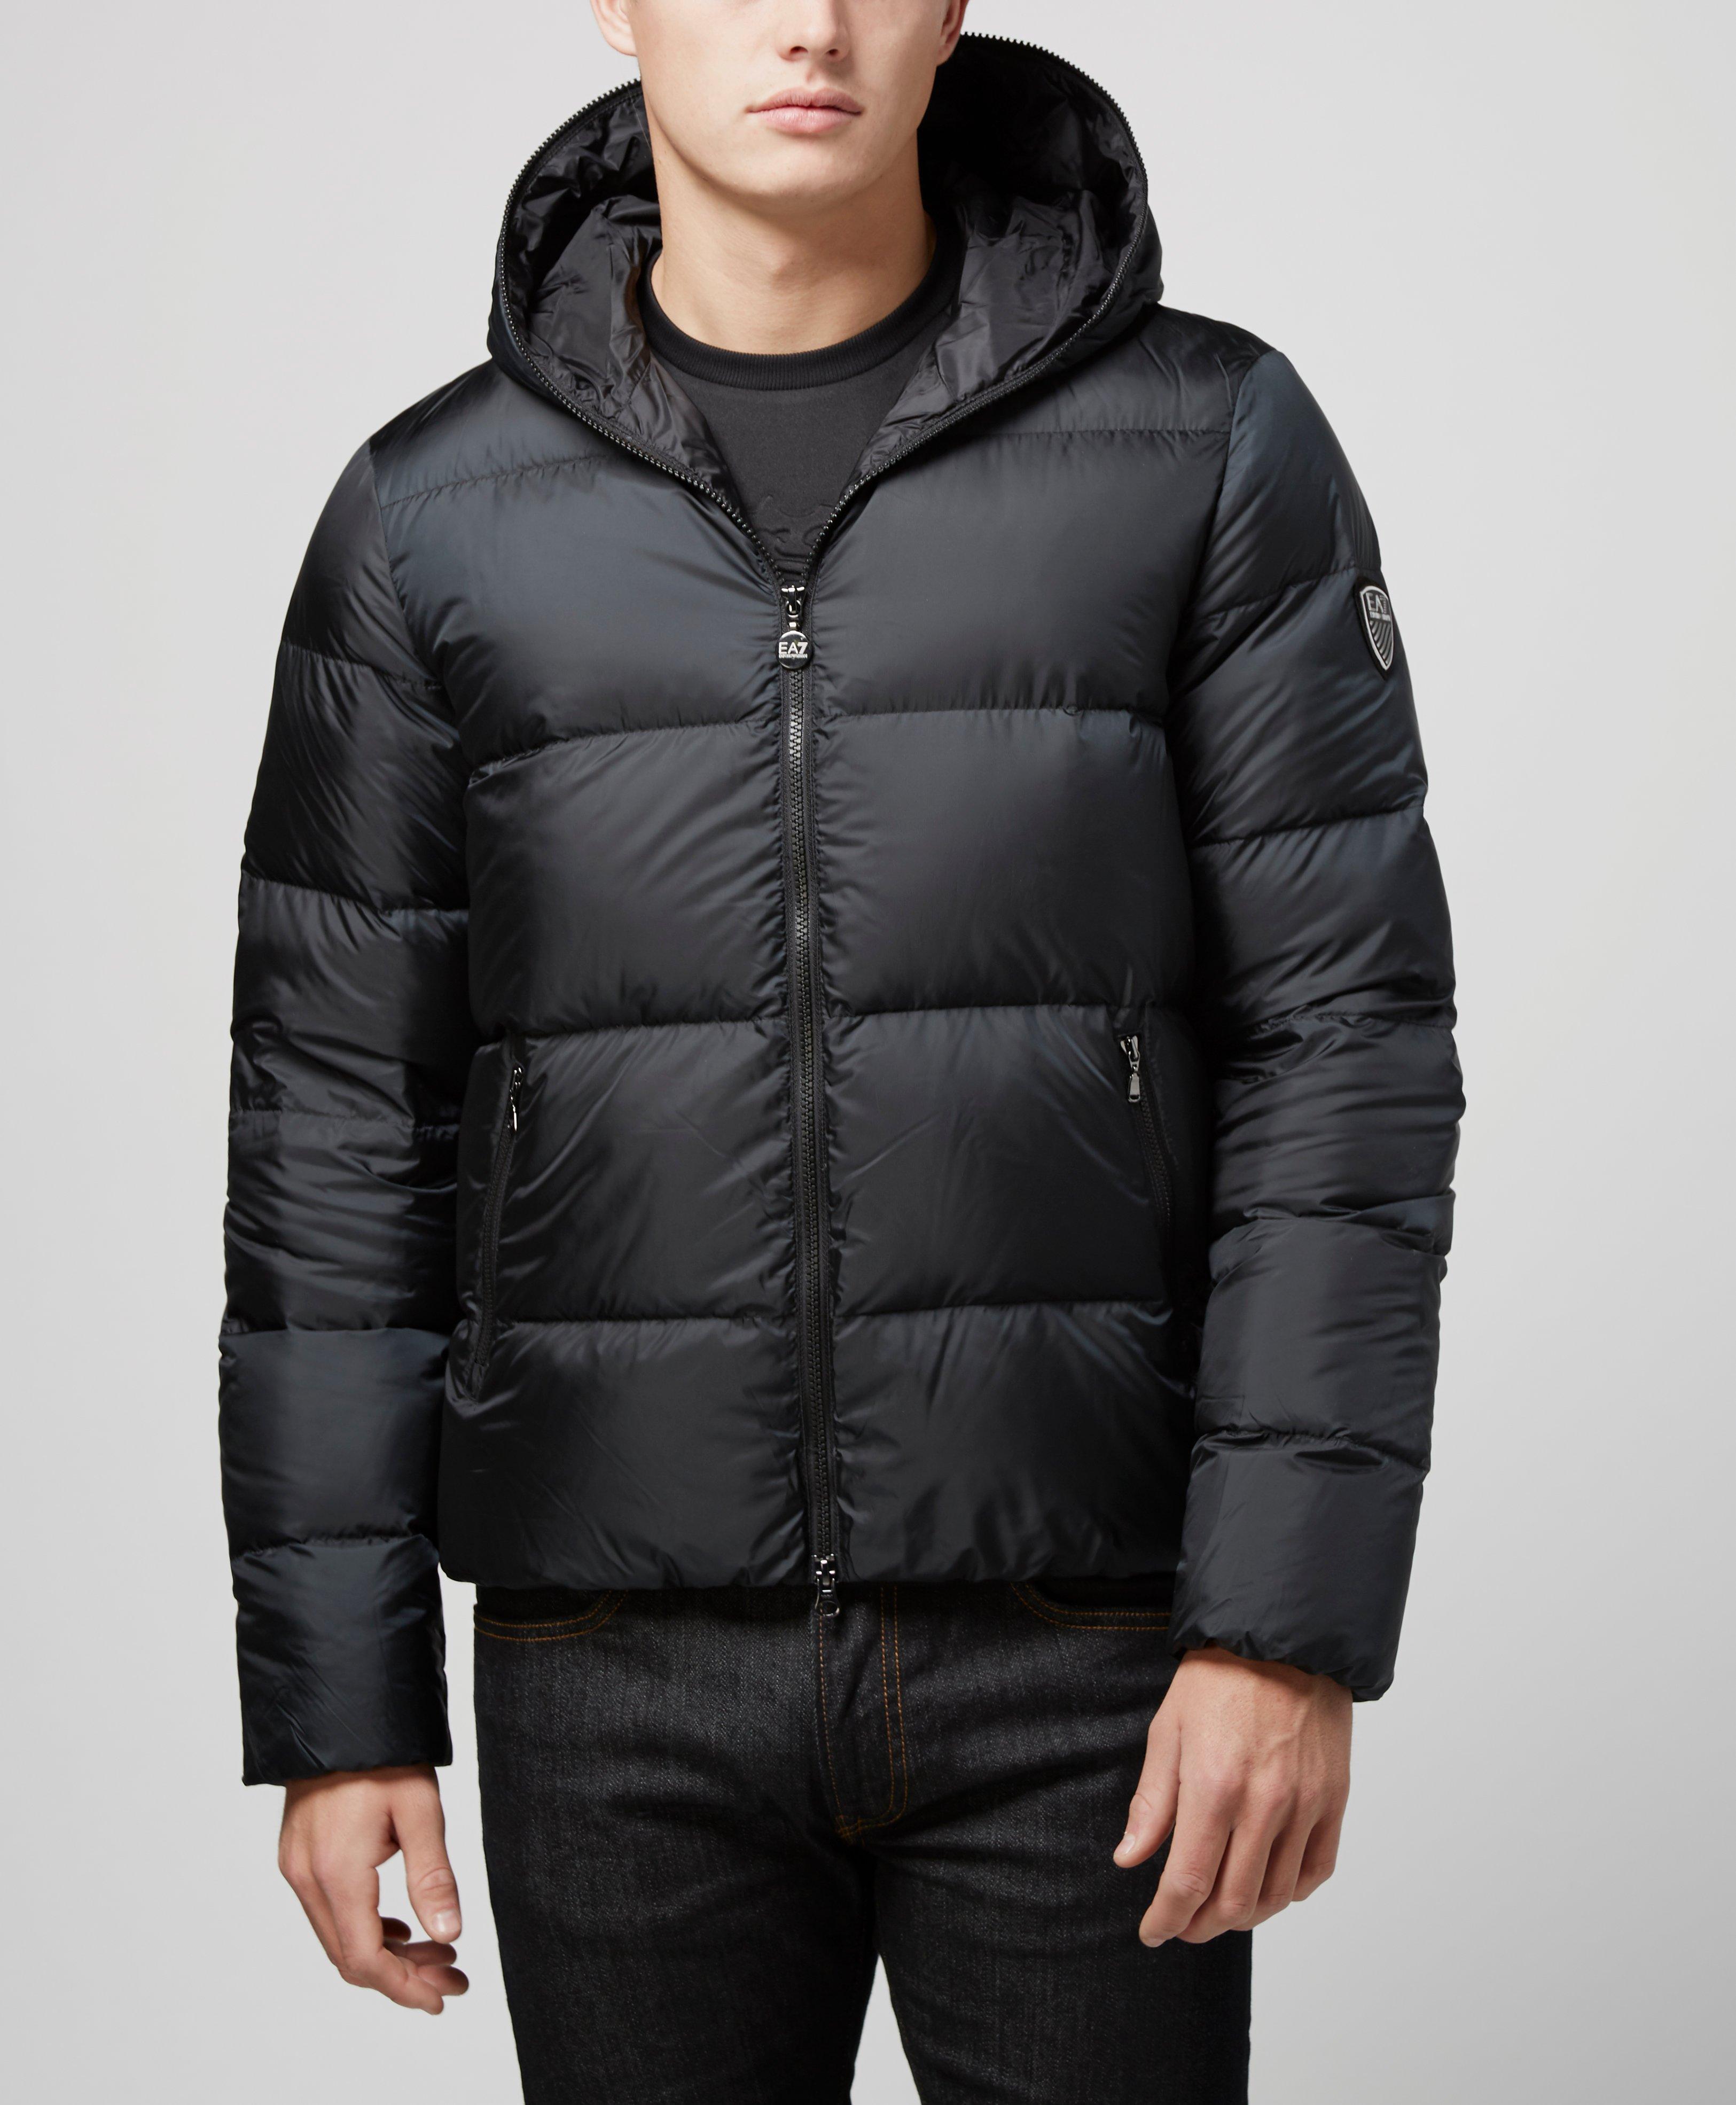 Armani jacket ea7